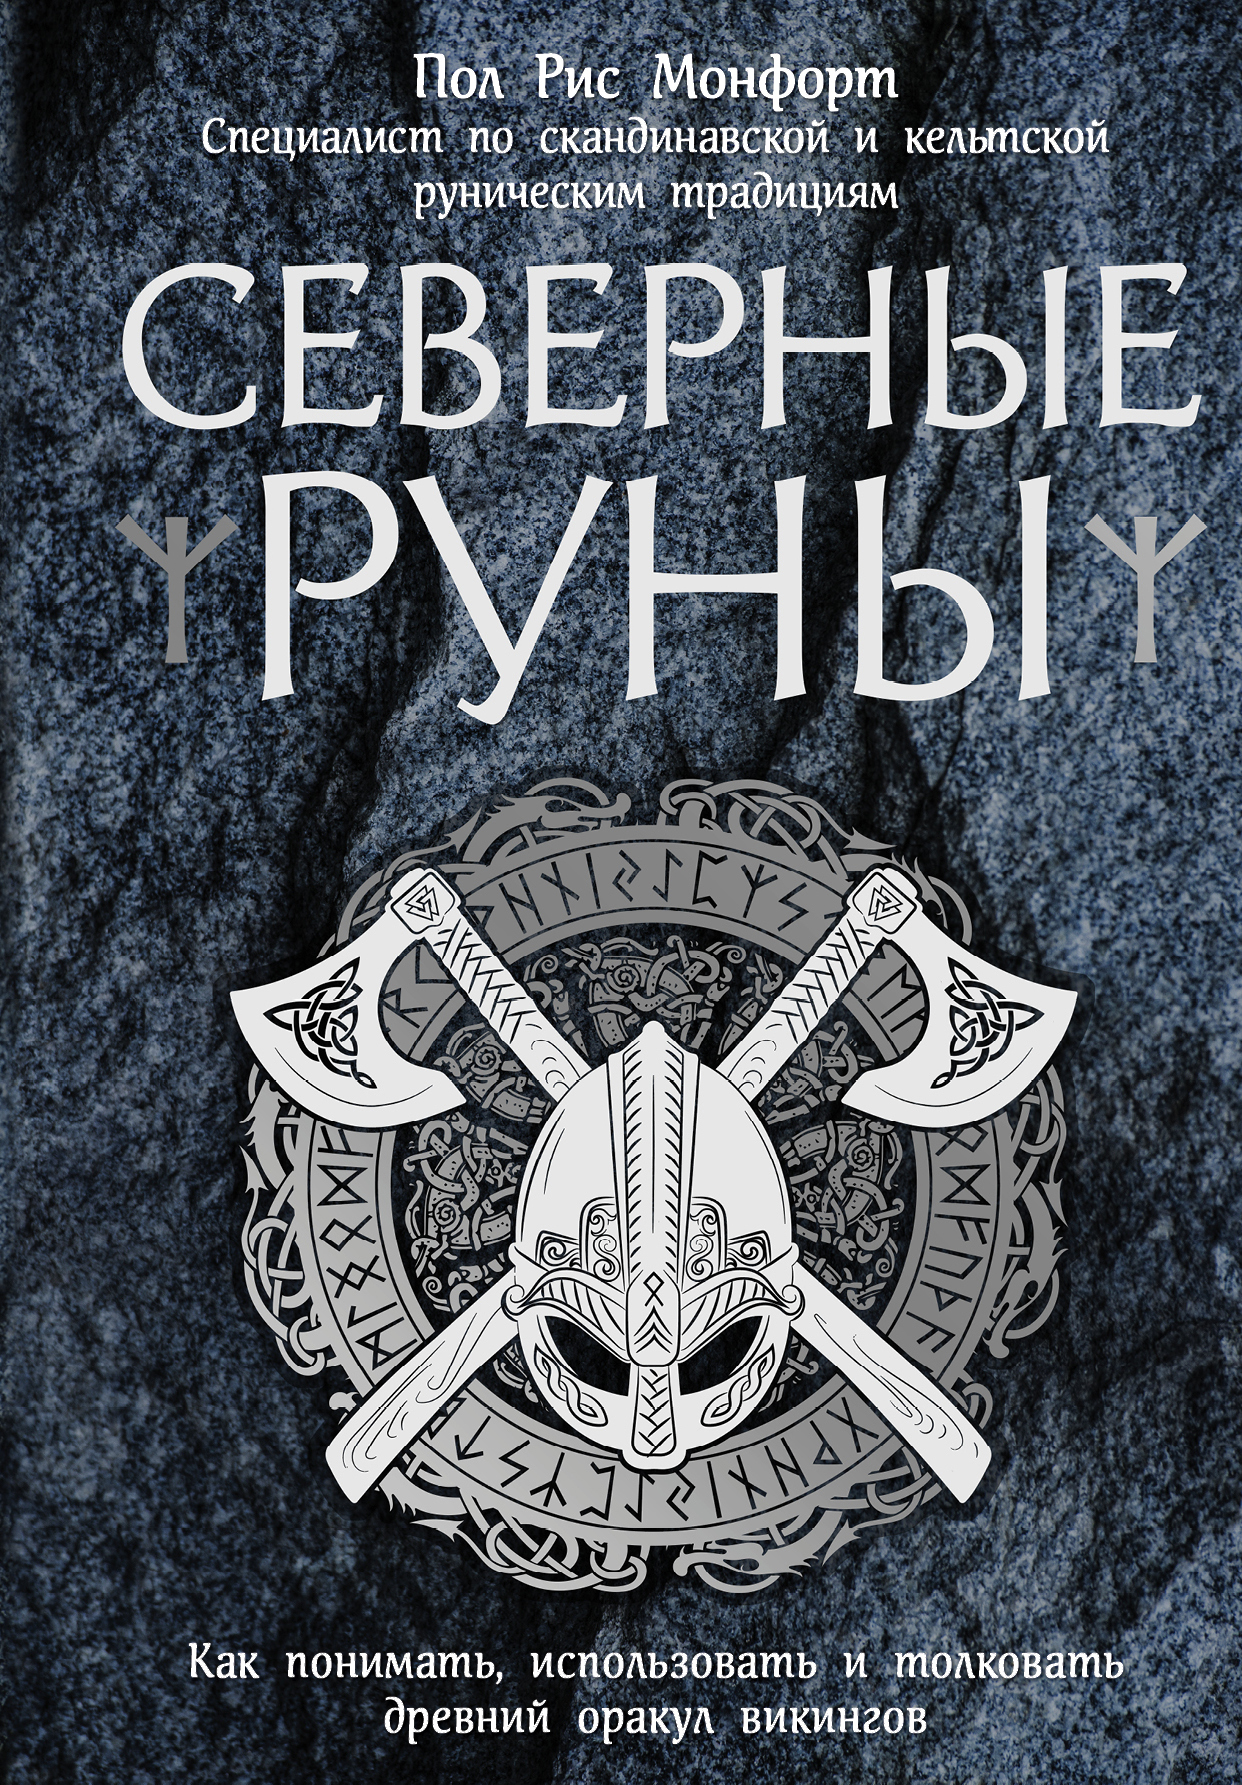 Пол Монфорд Северные руны. Как понимать, использовать и толковать древний оракул викингов хейвуд джон люди севера история викингов 793 1241